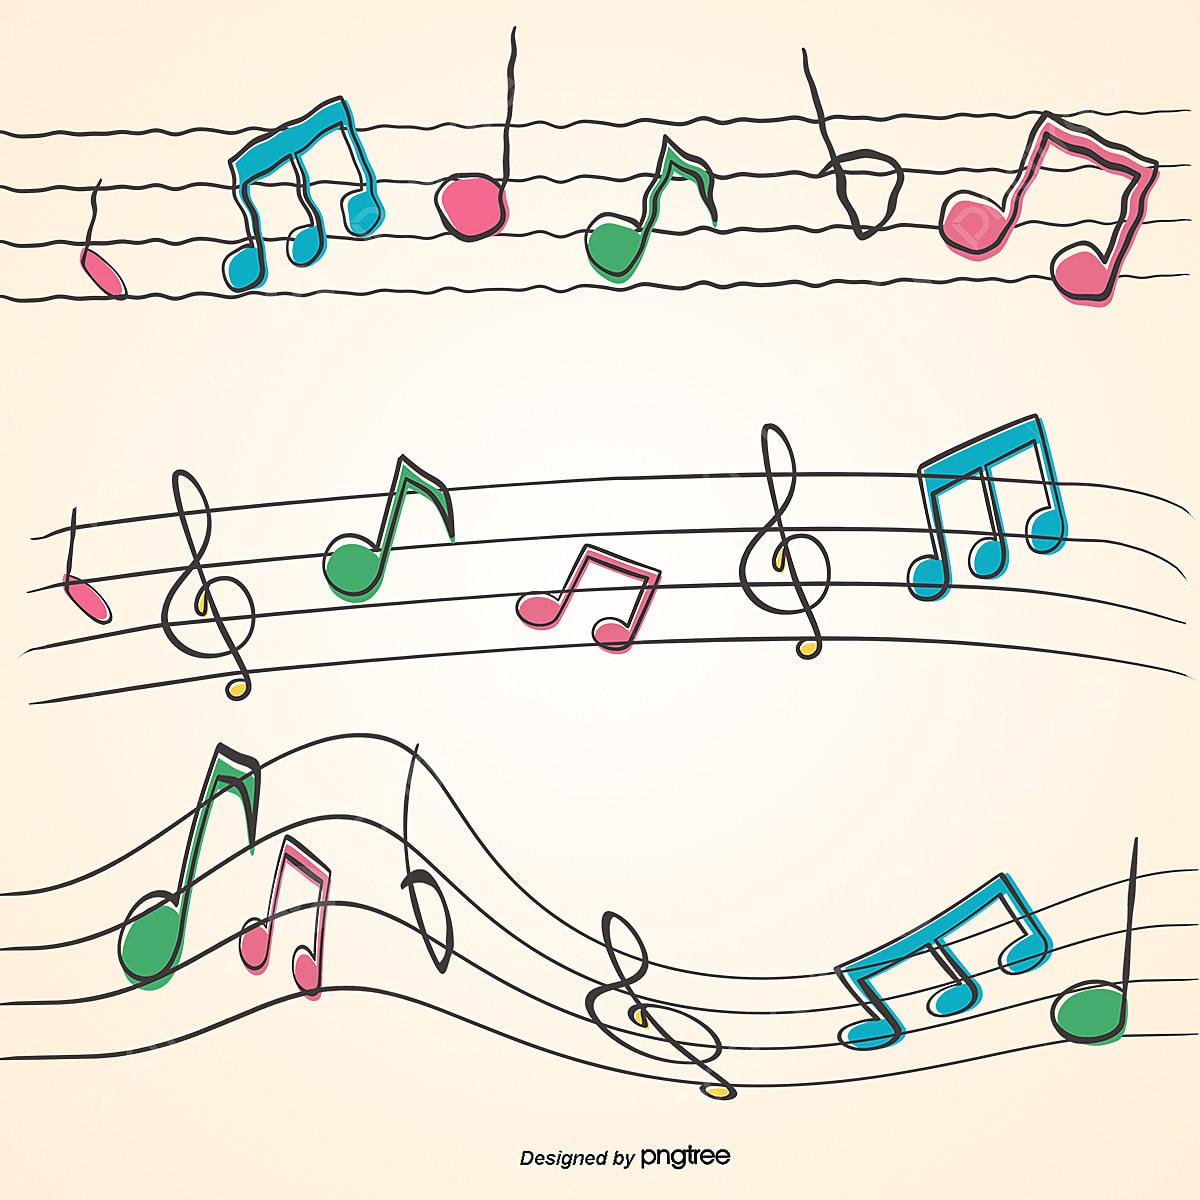 ベクトル譜面イラスト 楽譜 音楽の符号 音楽画像素材の無料ダウンロード